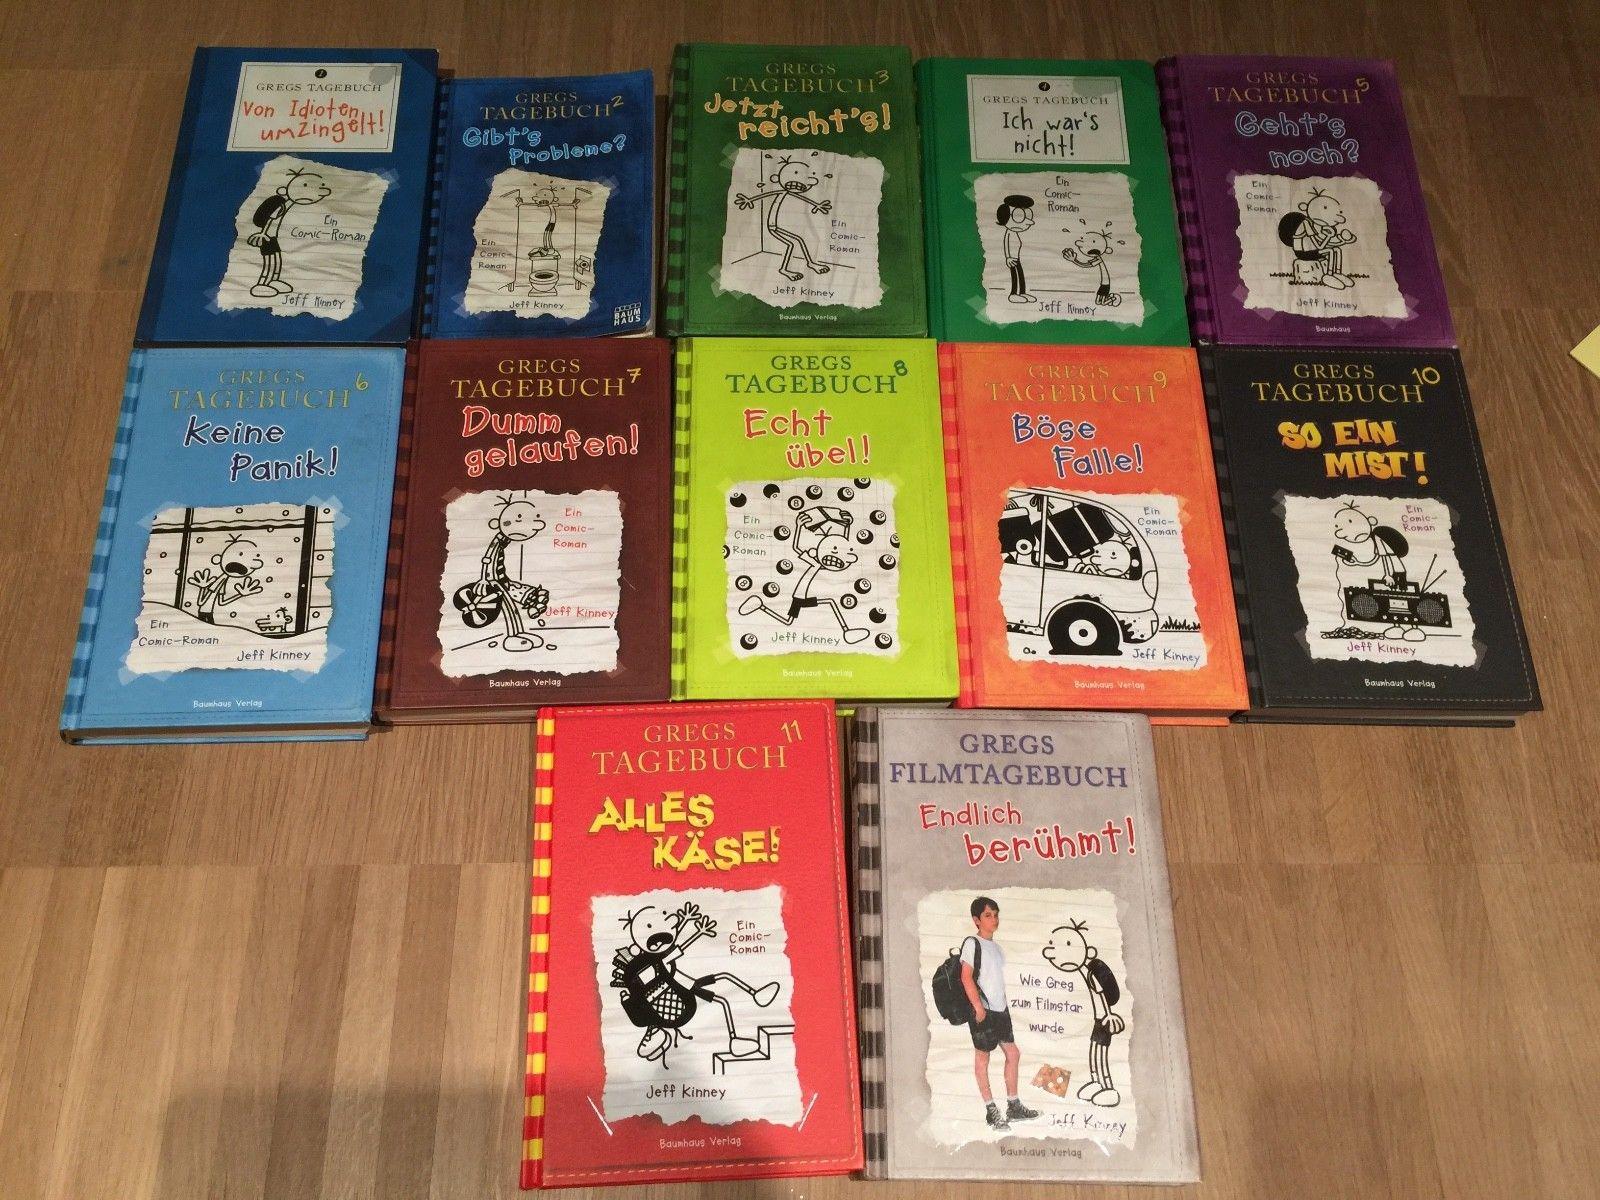 °°° Gregs Tagebuch 1-11 und Filmtagebuch ° Buchpaket ° Kinder ° Jugendliche °°°